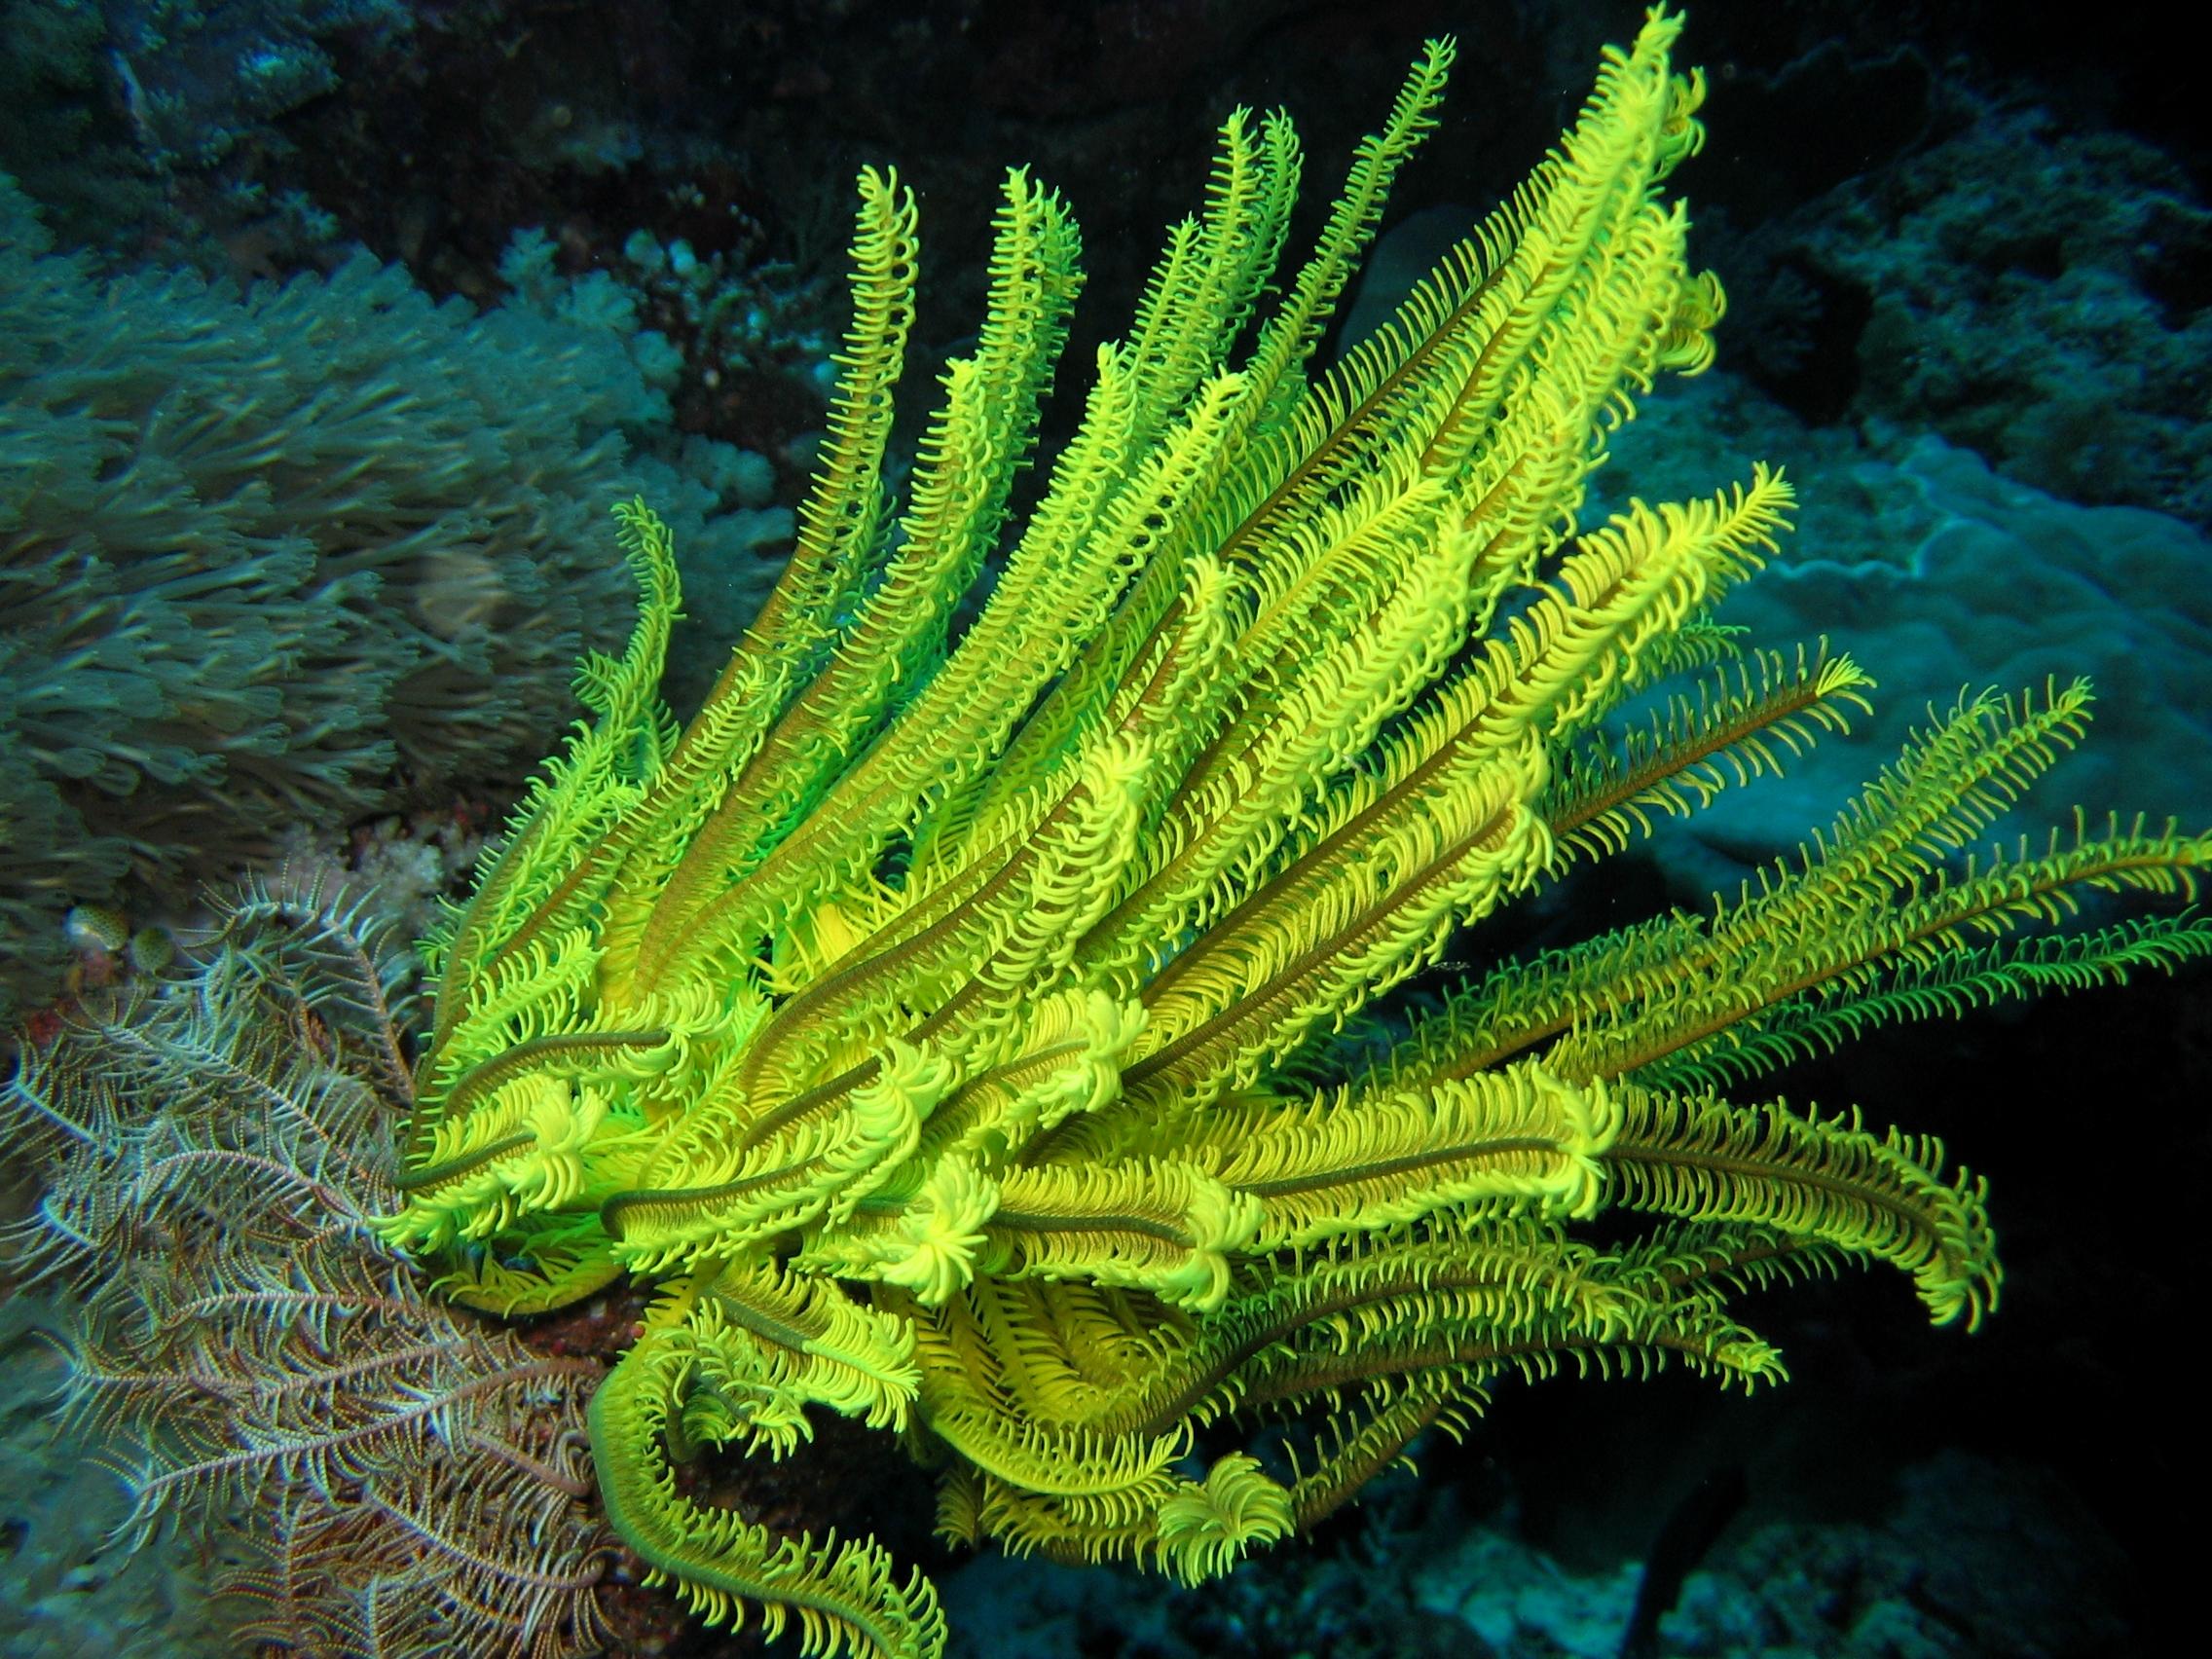 95 Gambar Hewan Dan Tumbuhan Laut HD Terbaru